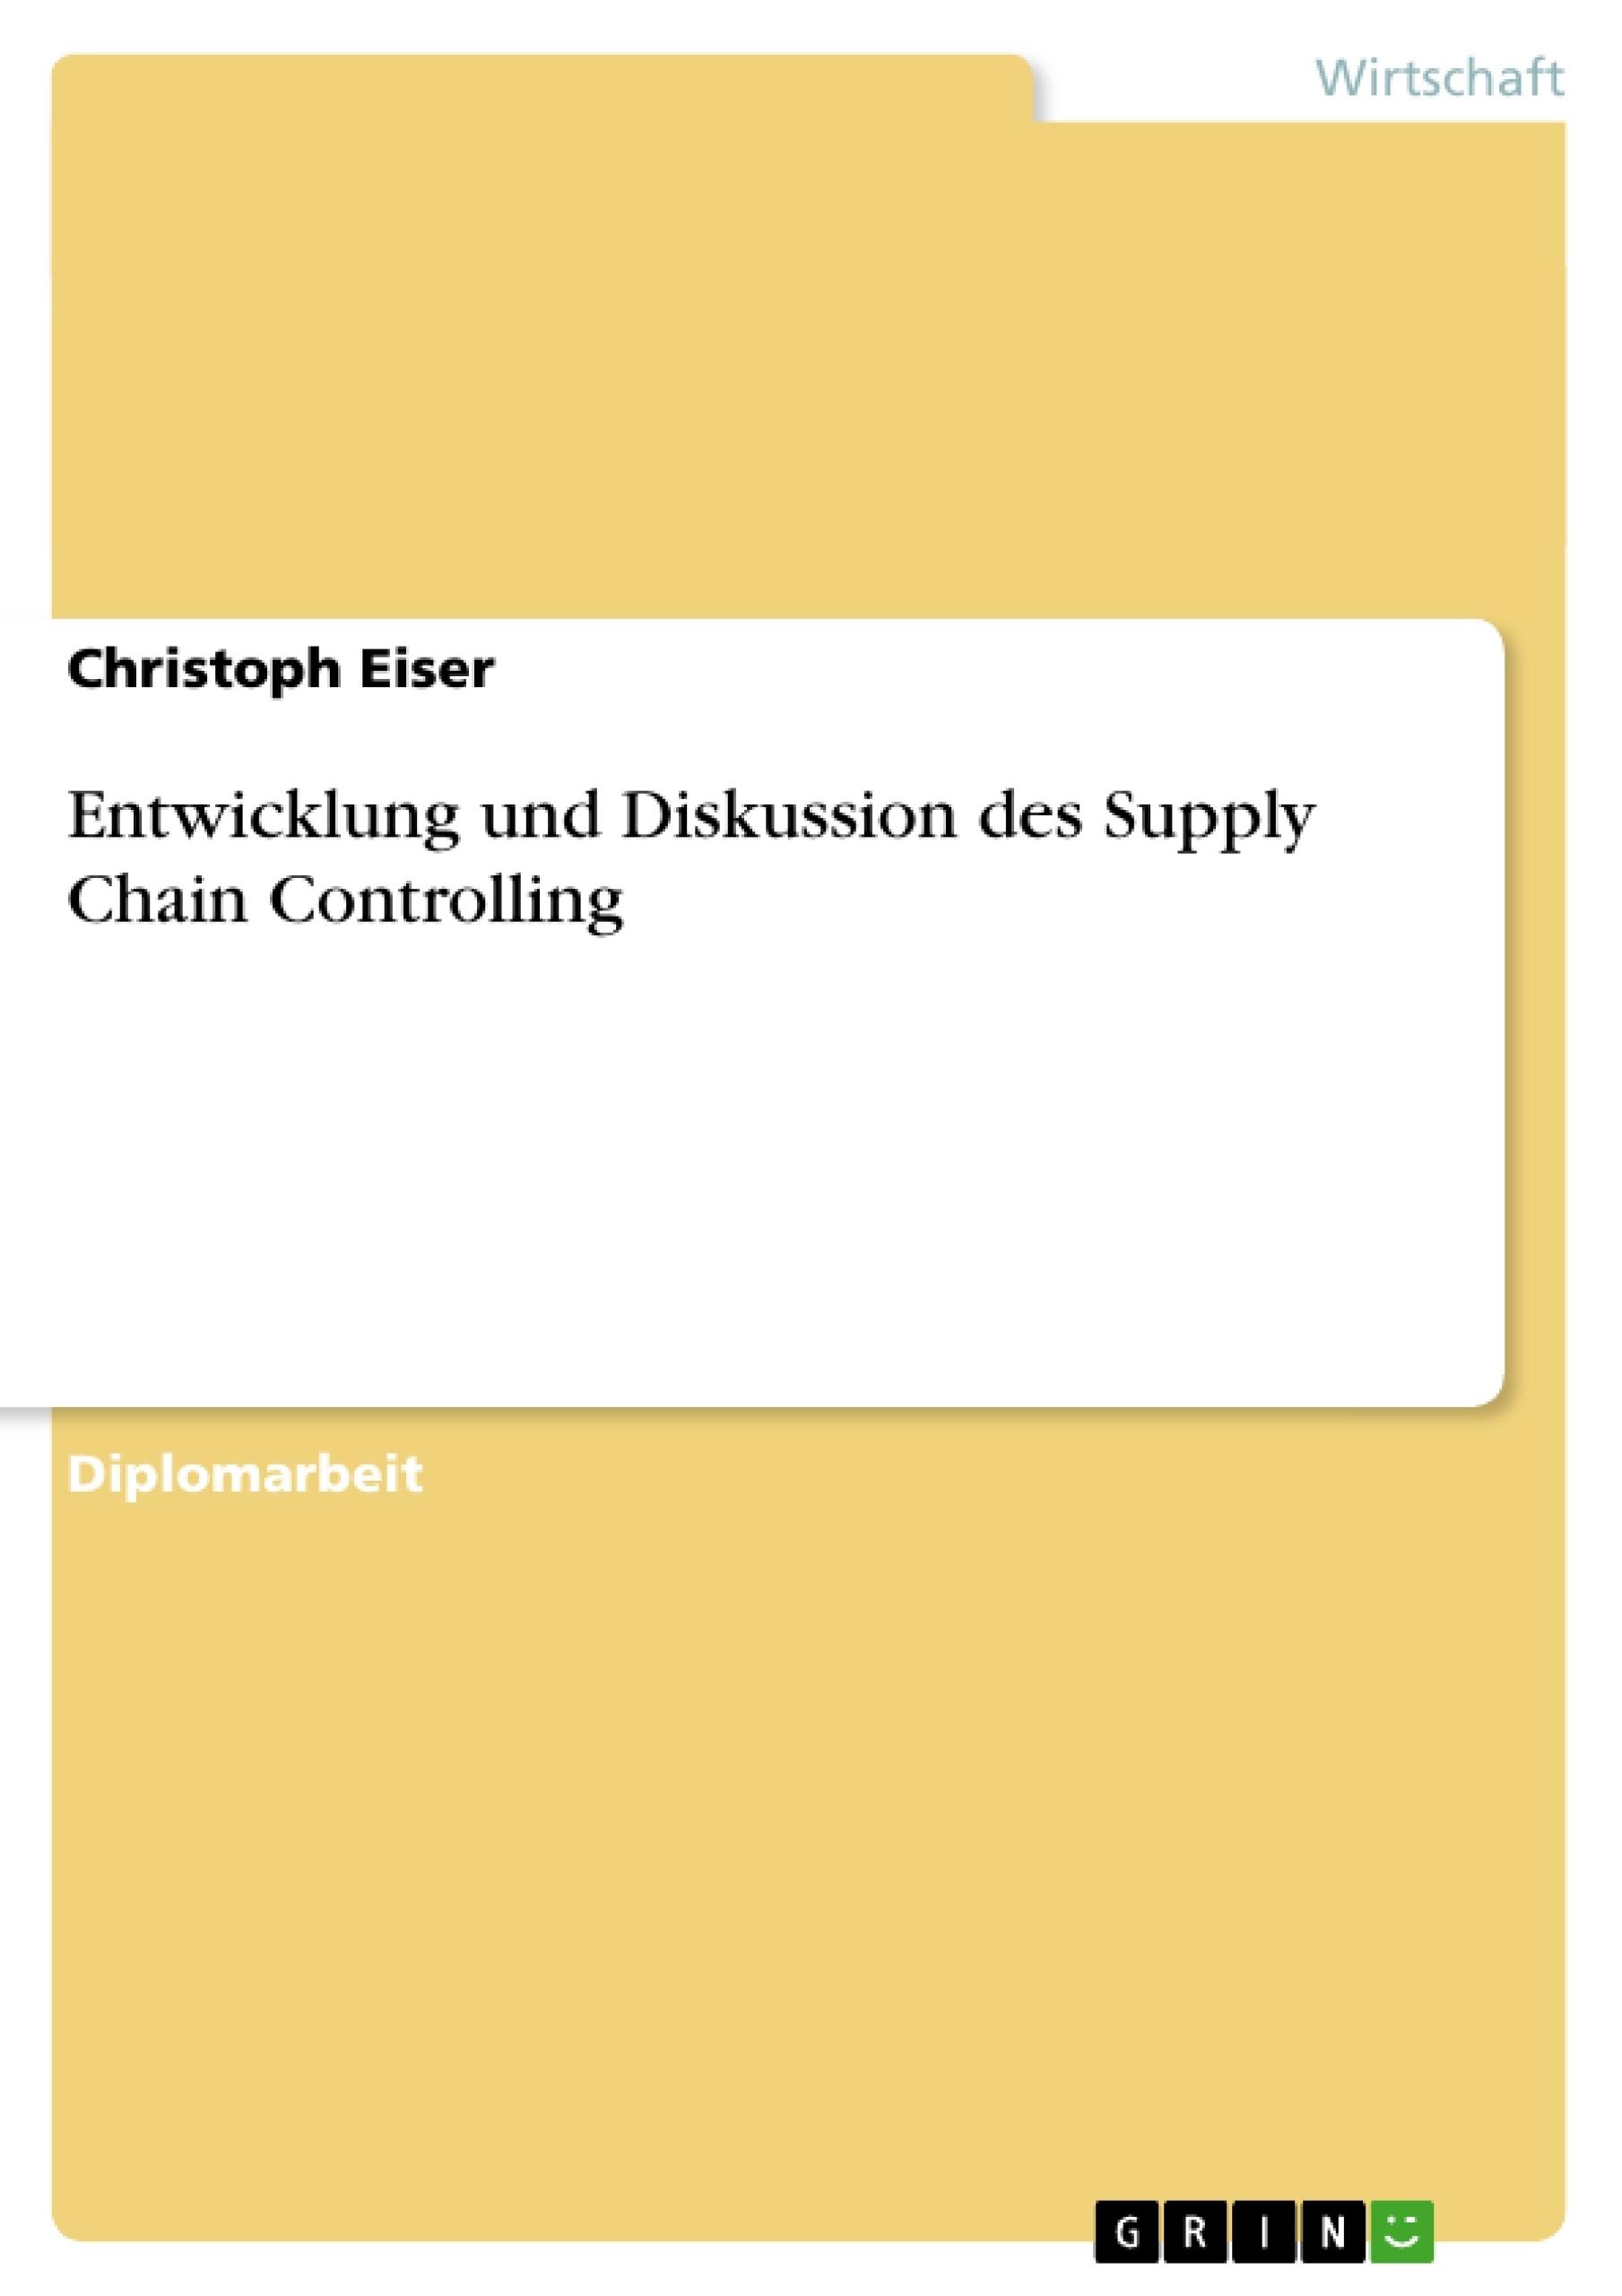 Titel: Entwicklung und Diskussion des Supply Chain Controlling